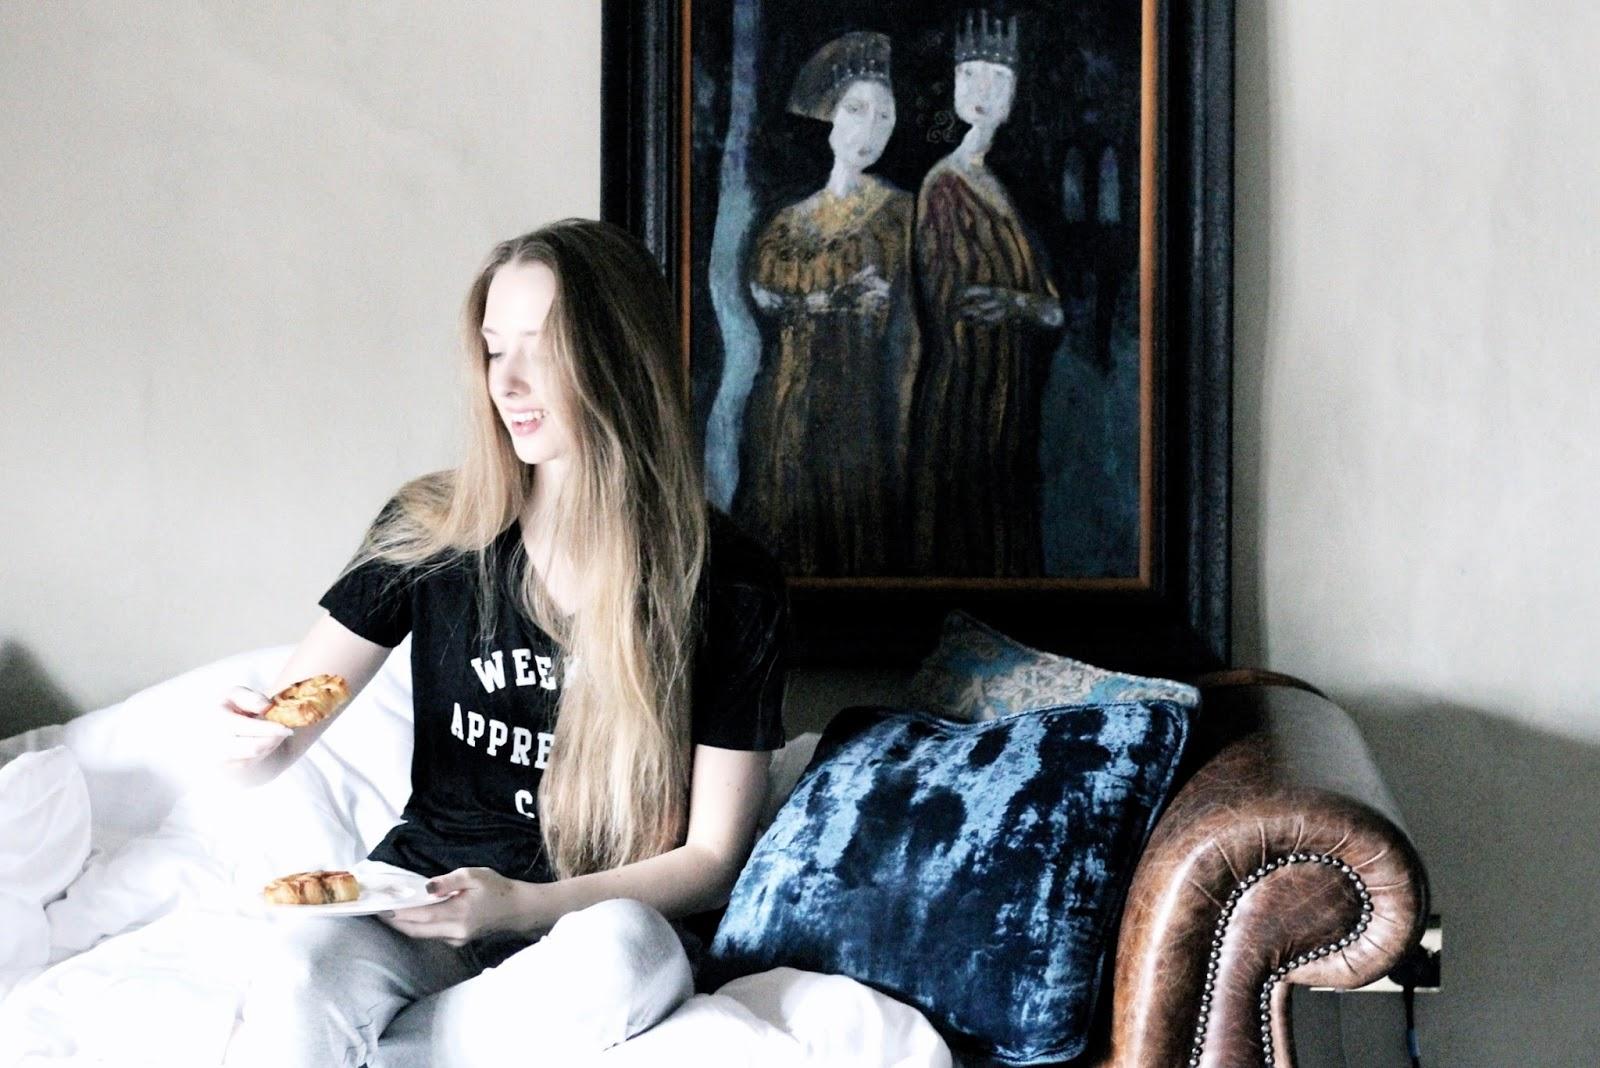 Travle blogger eating breakfast in loungewear